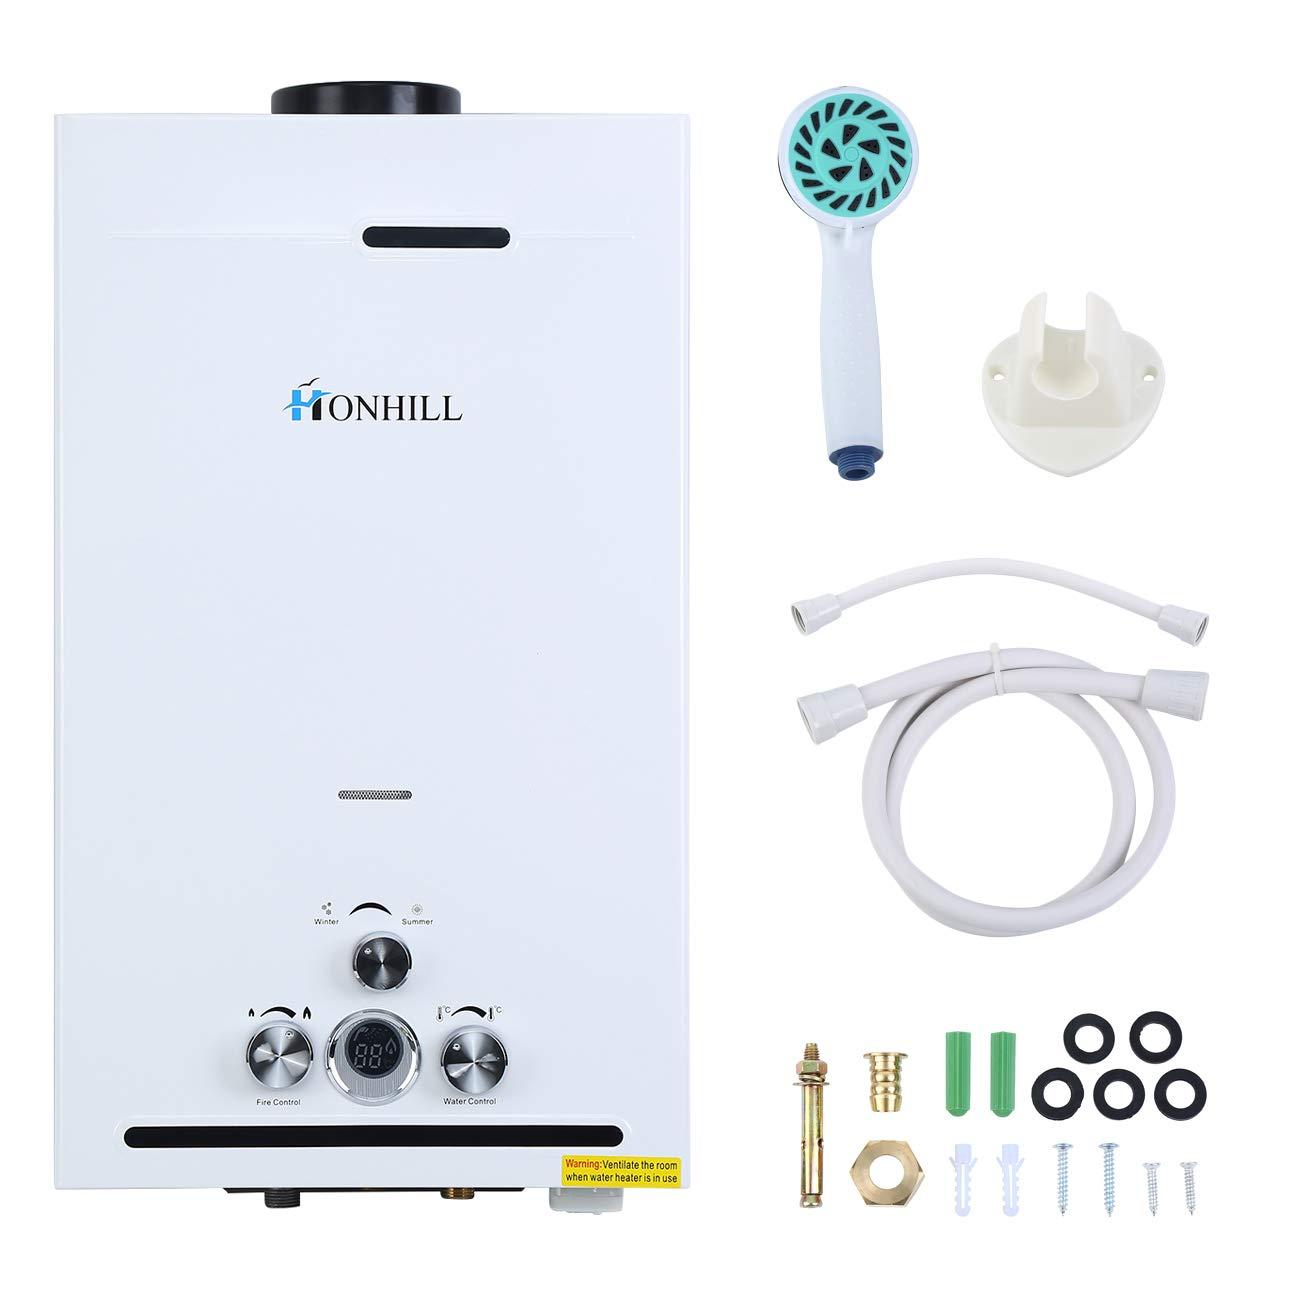 TryESeller Affichage numérique de chauffe-eau sans réservoir 12L 3.2GPM LPG Chaudière à eau instantanée en acier inoxydable Brûleur à eau chaude au gaz de pétrole liquéfié